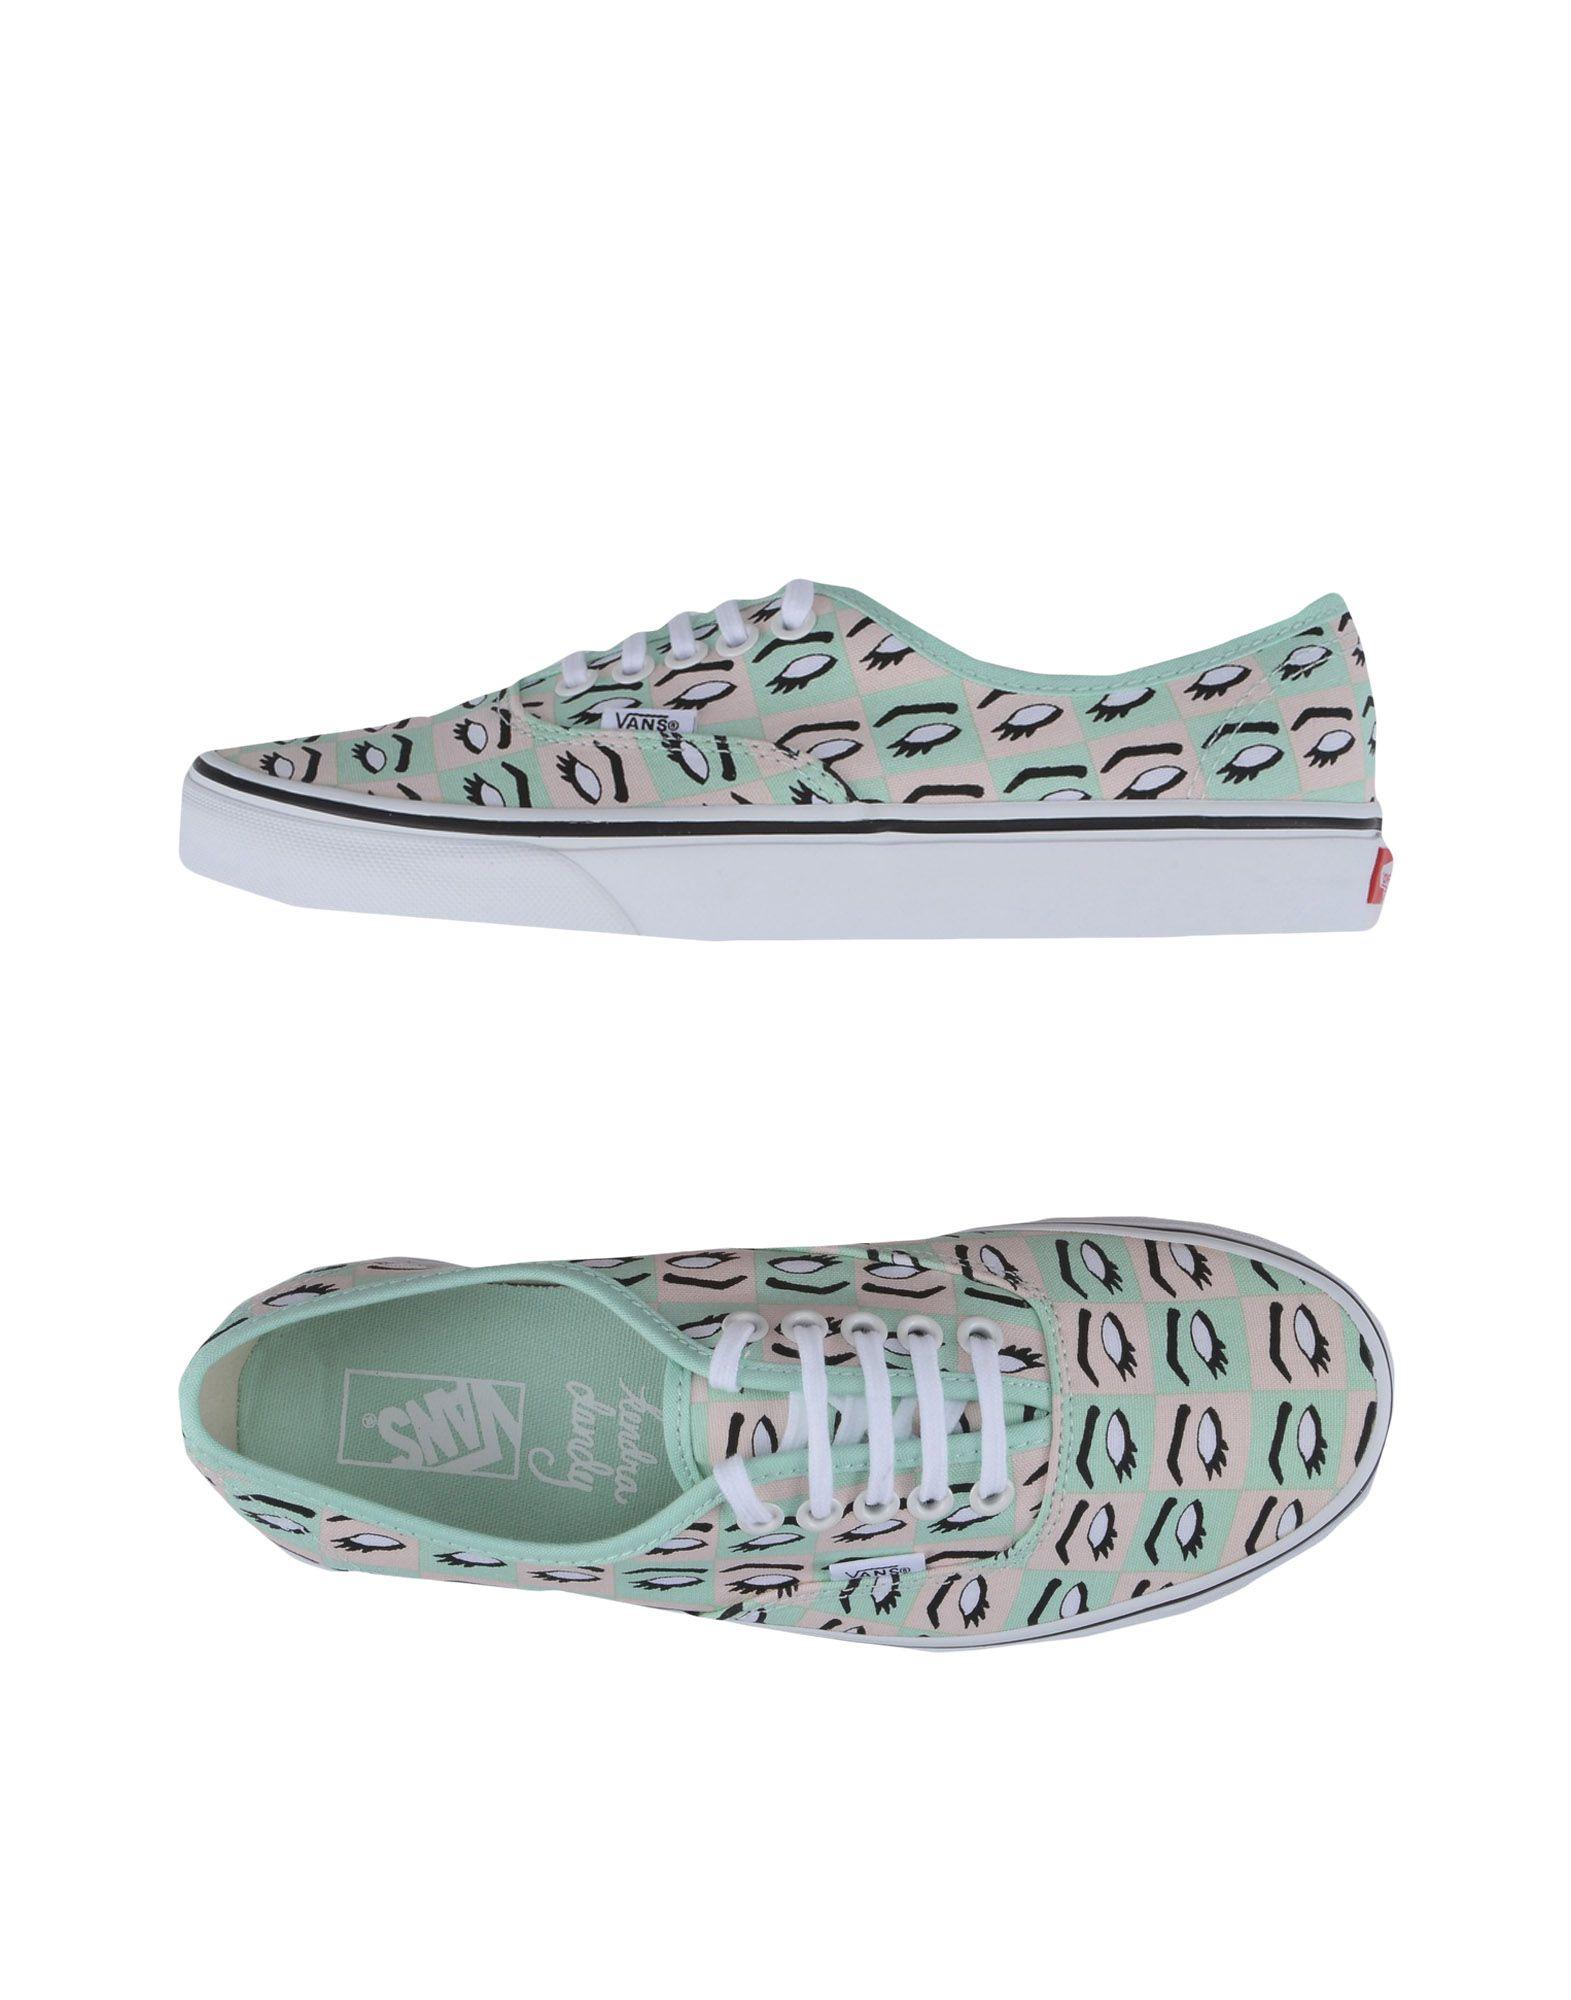 Sneakers Vans Ua Authentic - Kendra Dandy - Femme - Sneakers Vans sur